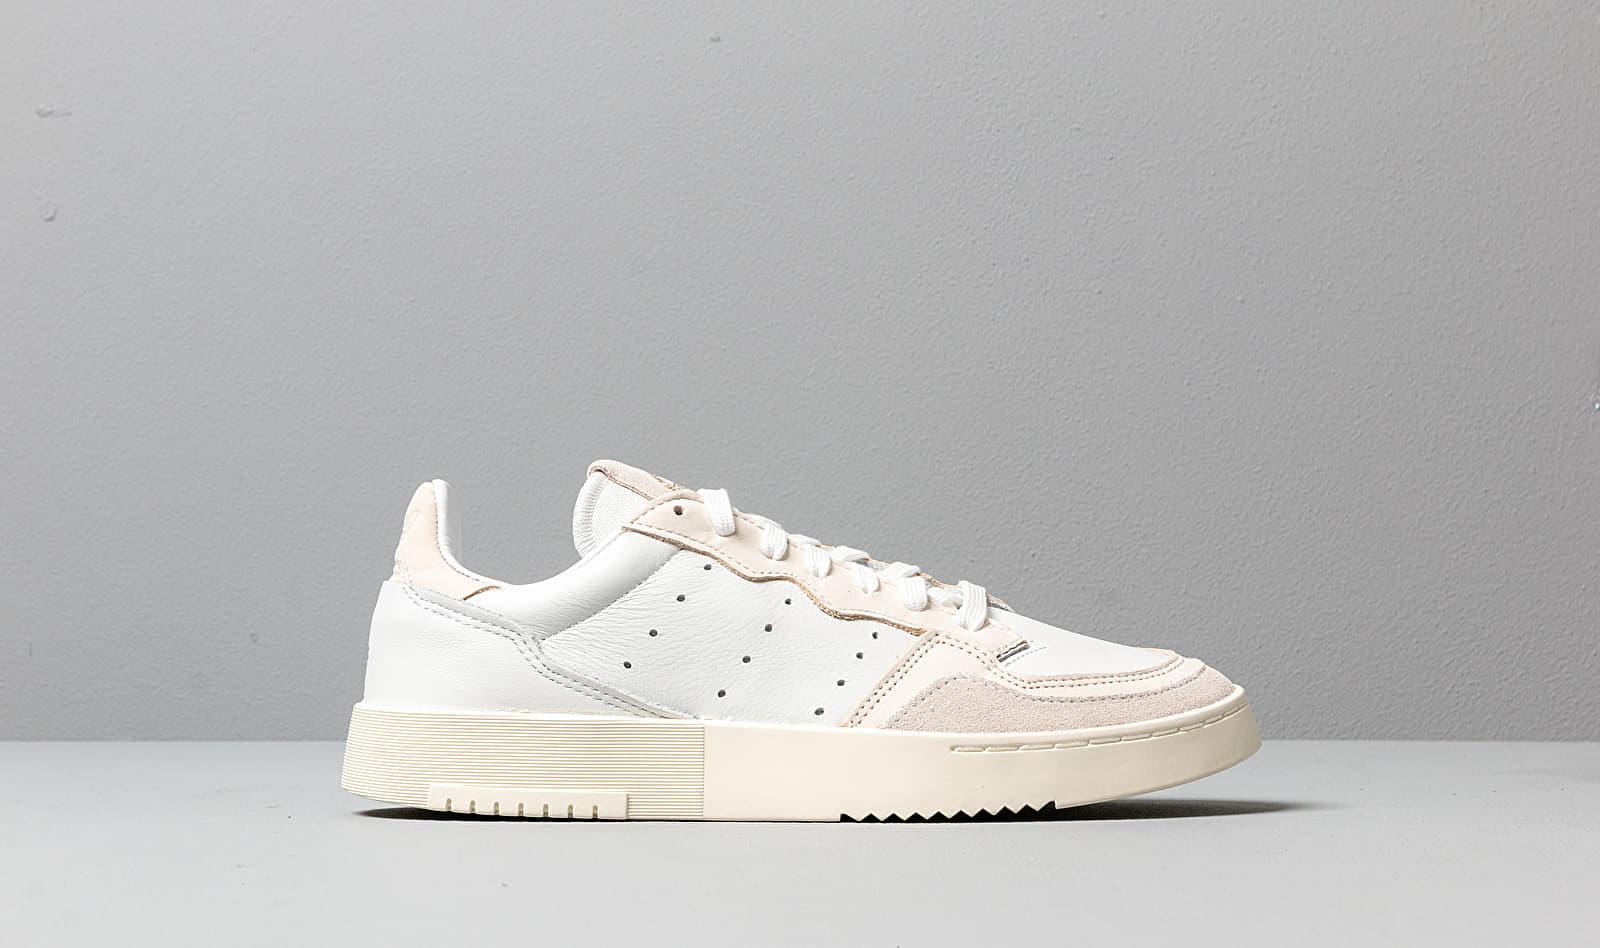 Men's Adidas Supercourt Crystal White Core White Off White